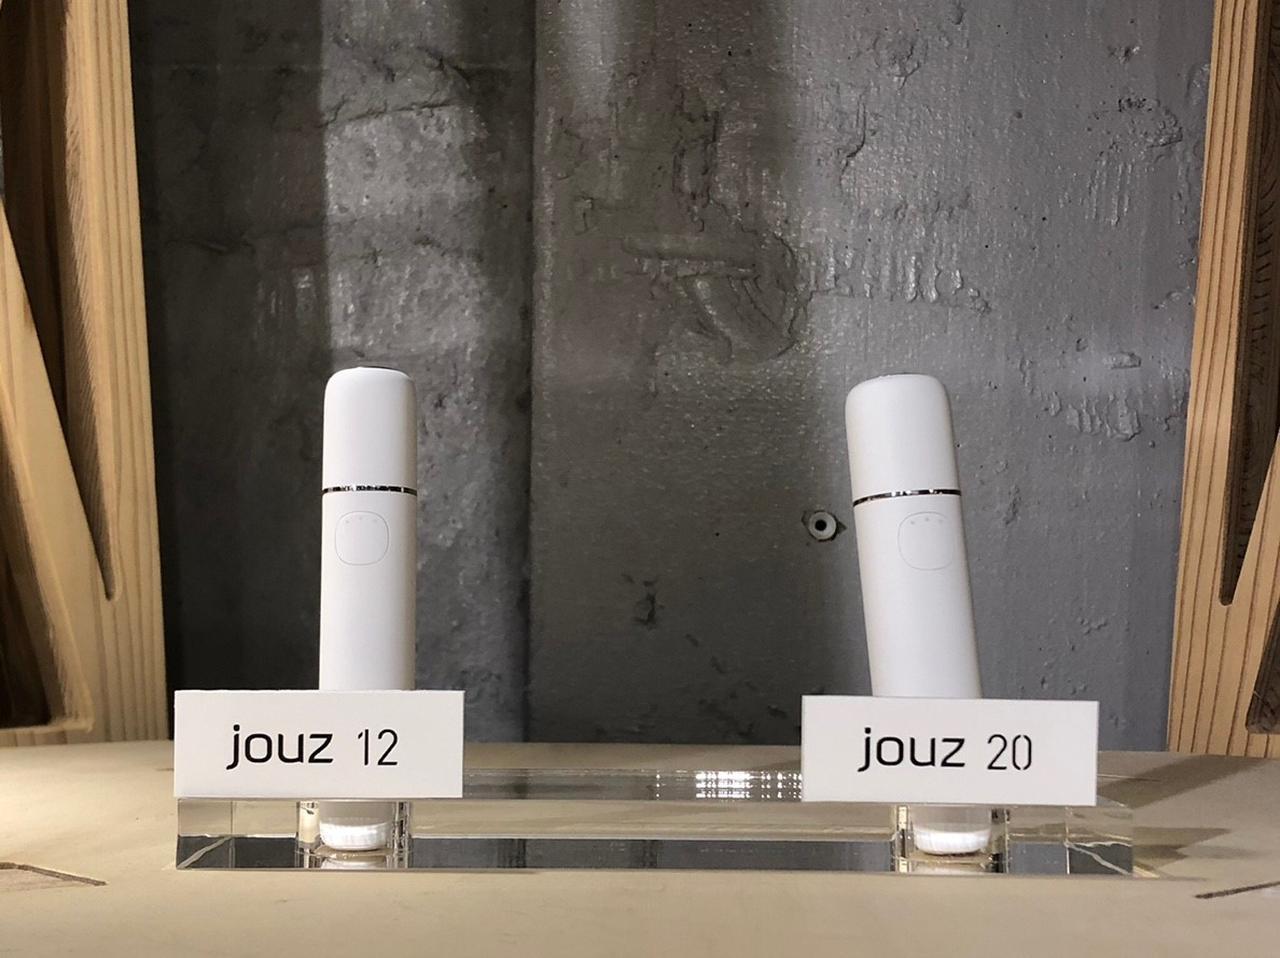 画像4: 「祝い」をテーマにしたデザイン「jouz LE (Limited Edition) ~ Nami/Ume ~」を各色500個限定発売